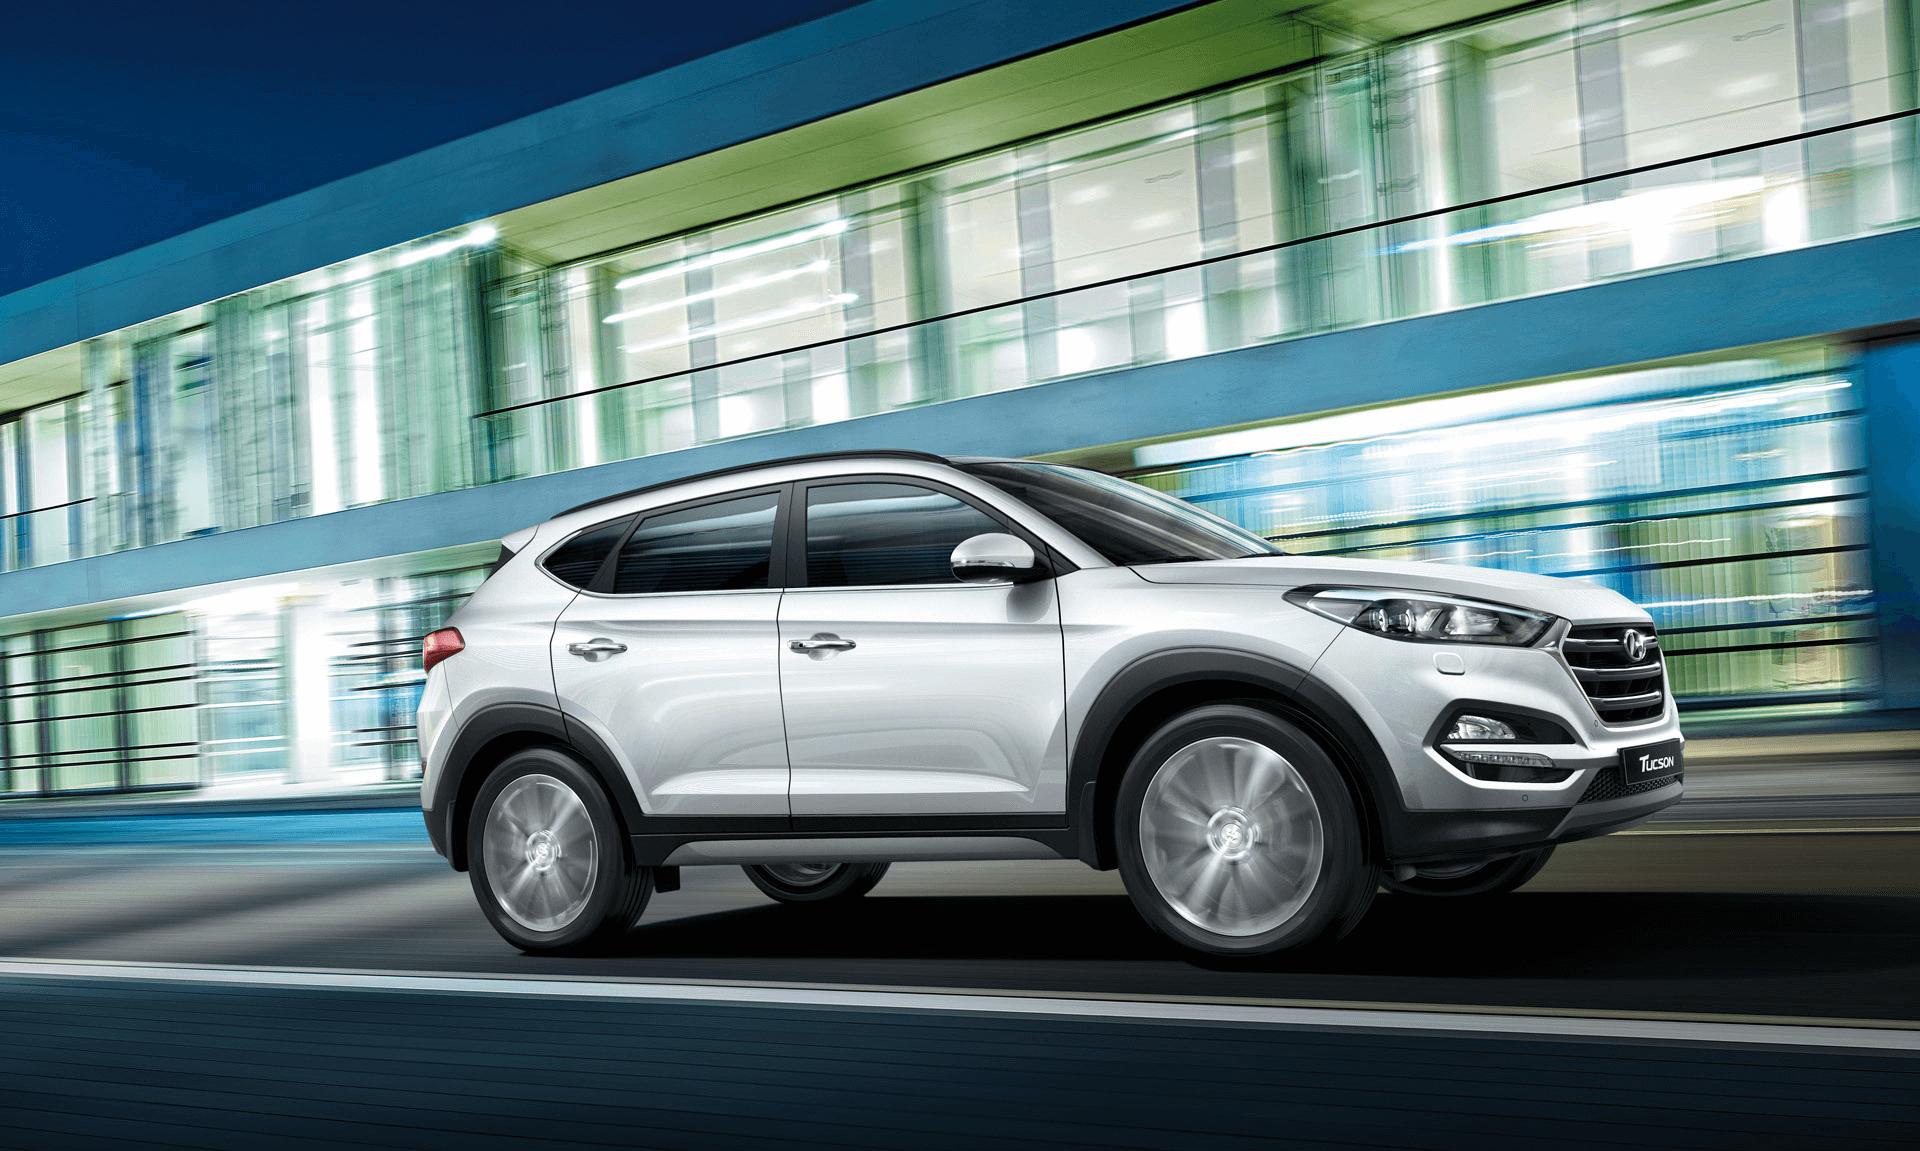 Hyundai Tucson chiếc xe có những cải tiến mới, thân thiện với môi trường